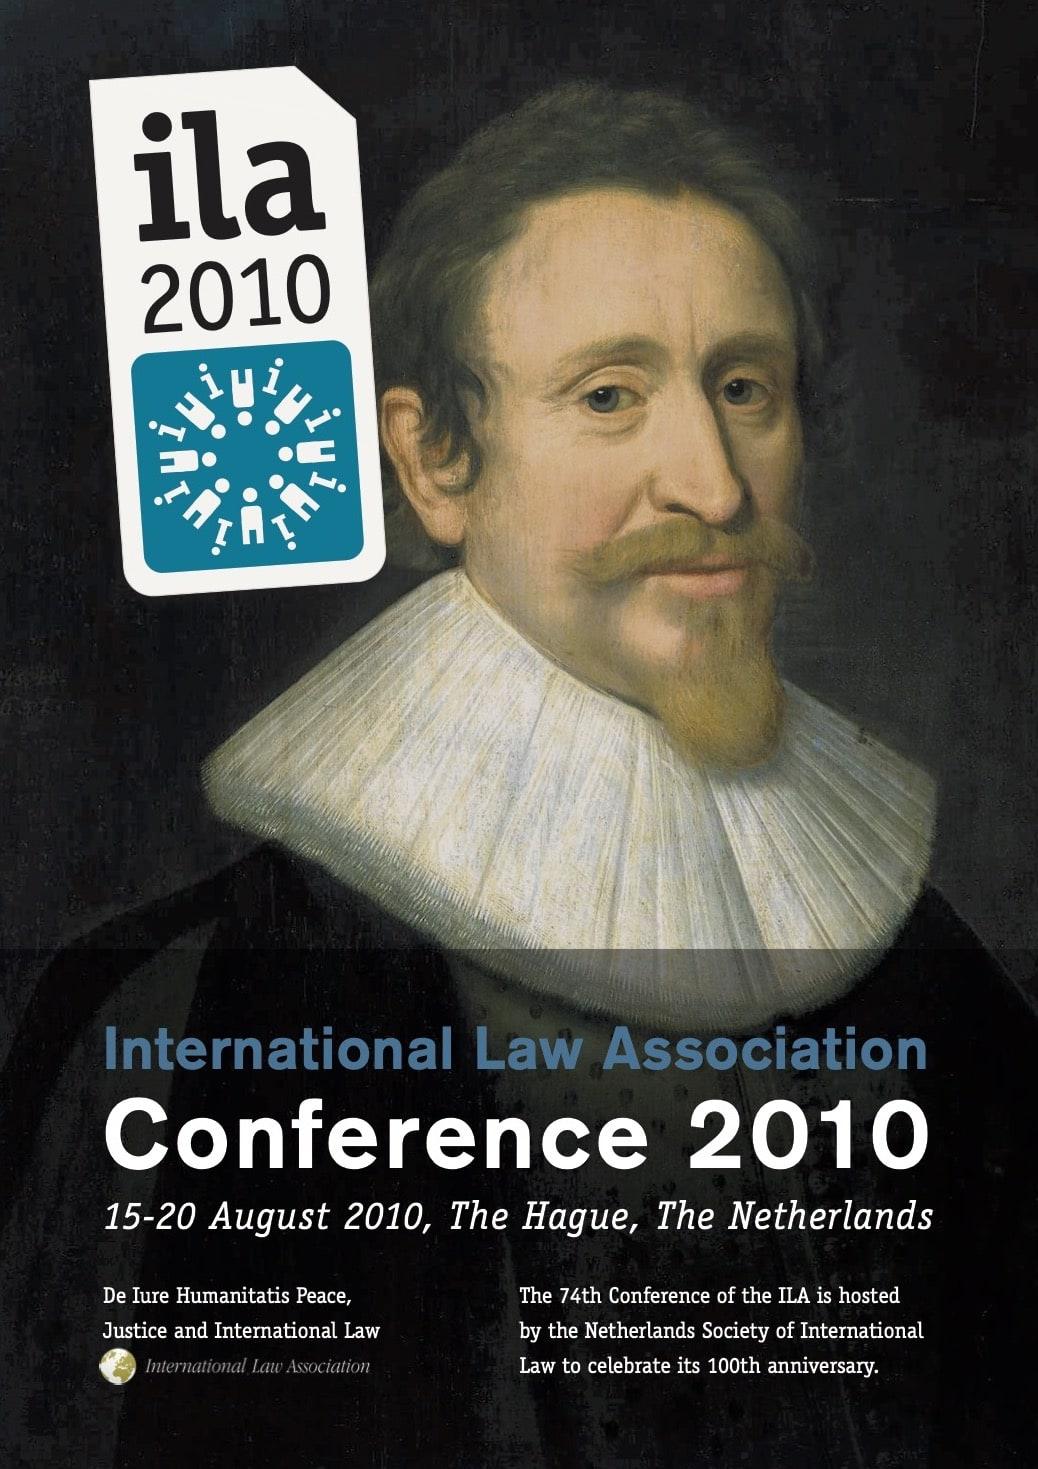 ila2010 Conference